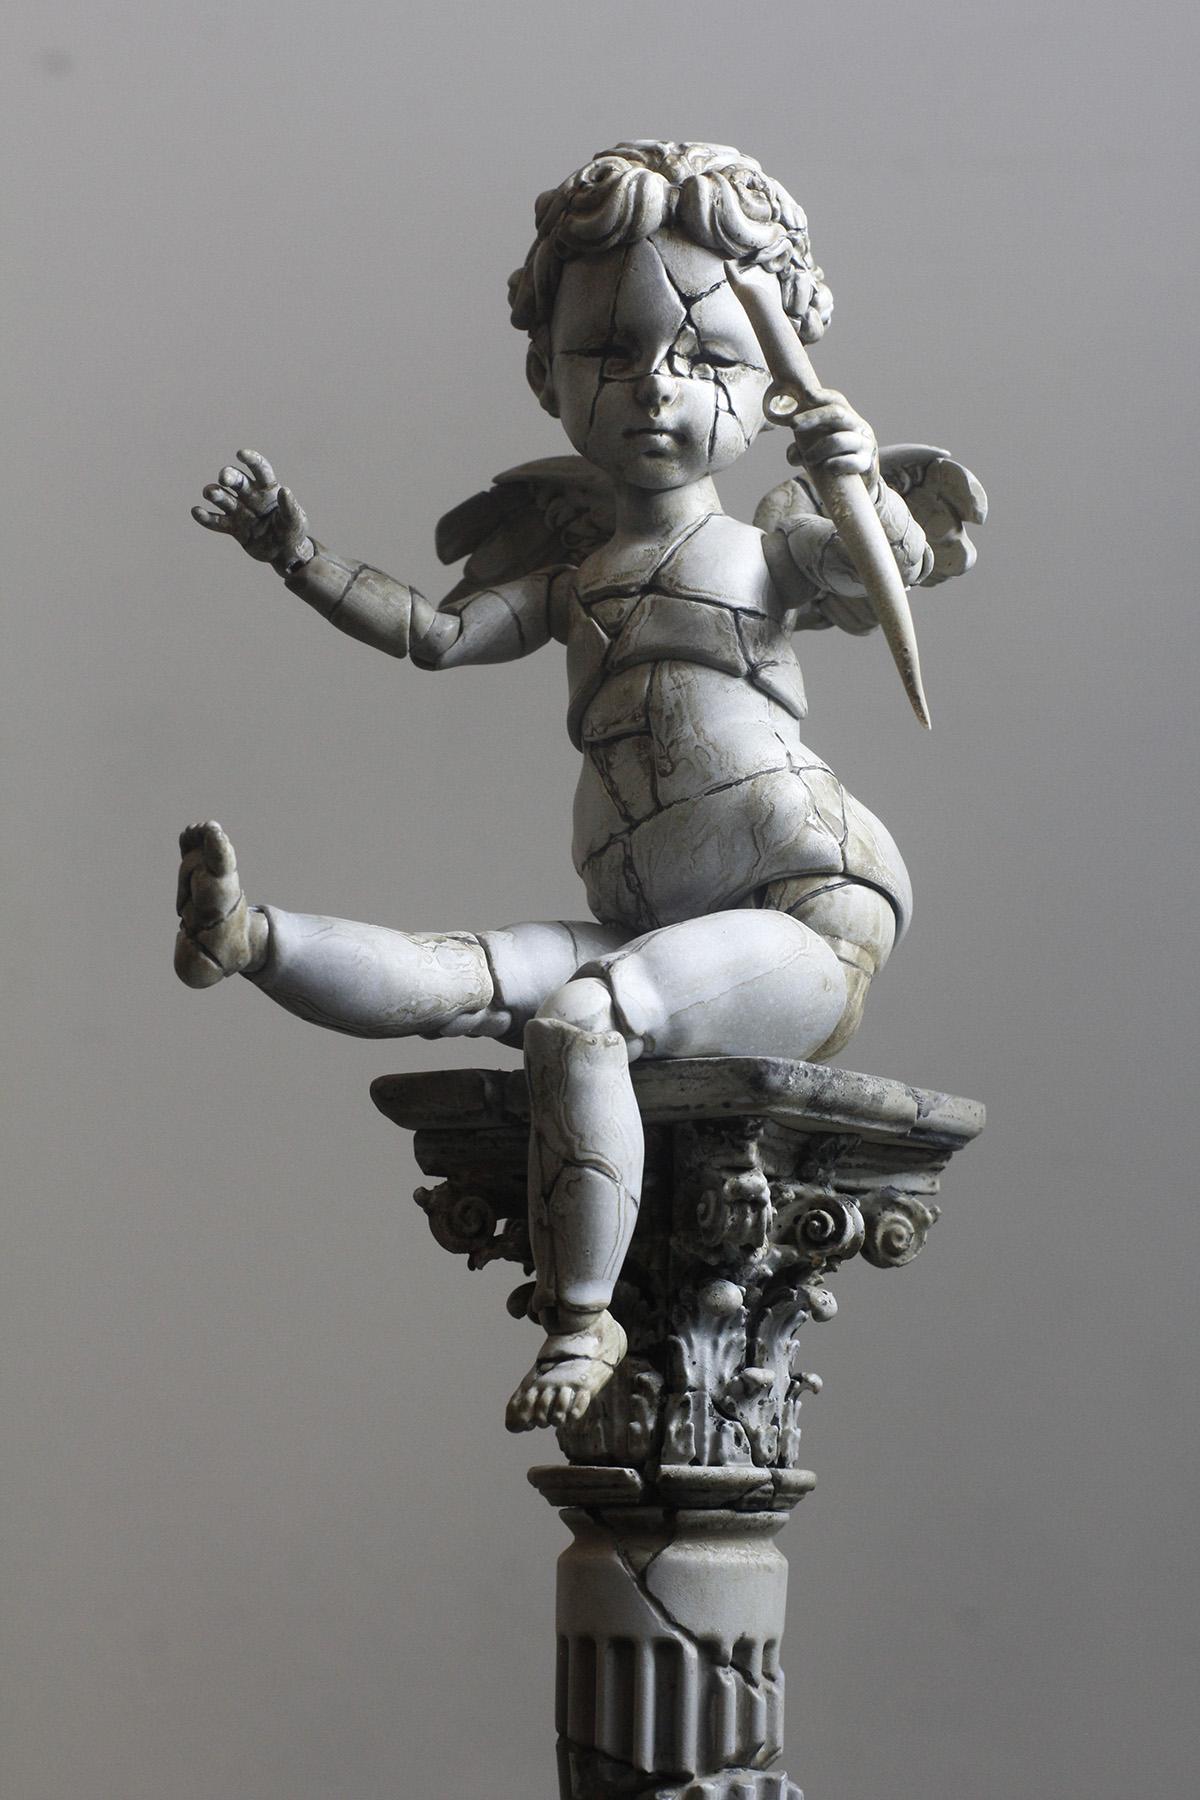 瑜瑜酱1/6 BJD – Stone Little Angel Cupid